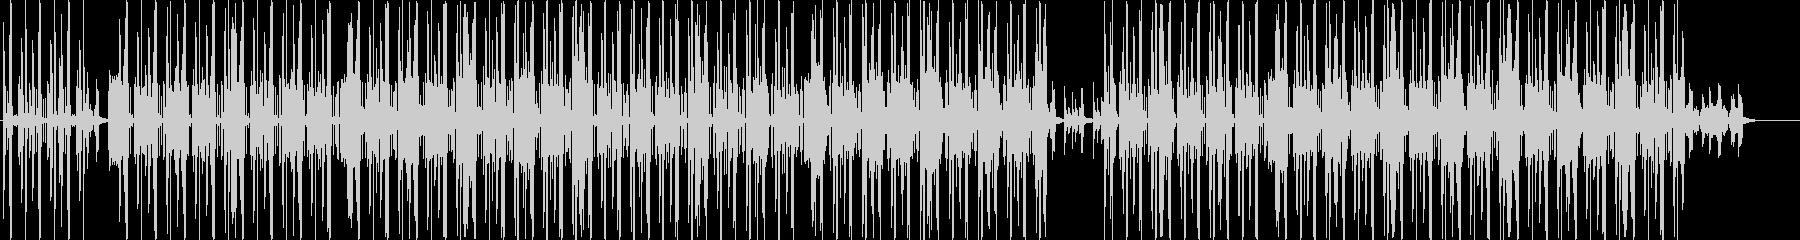 ローファイ、ヒップホップ、チルアウト♪の未再生の波形